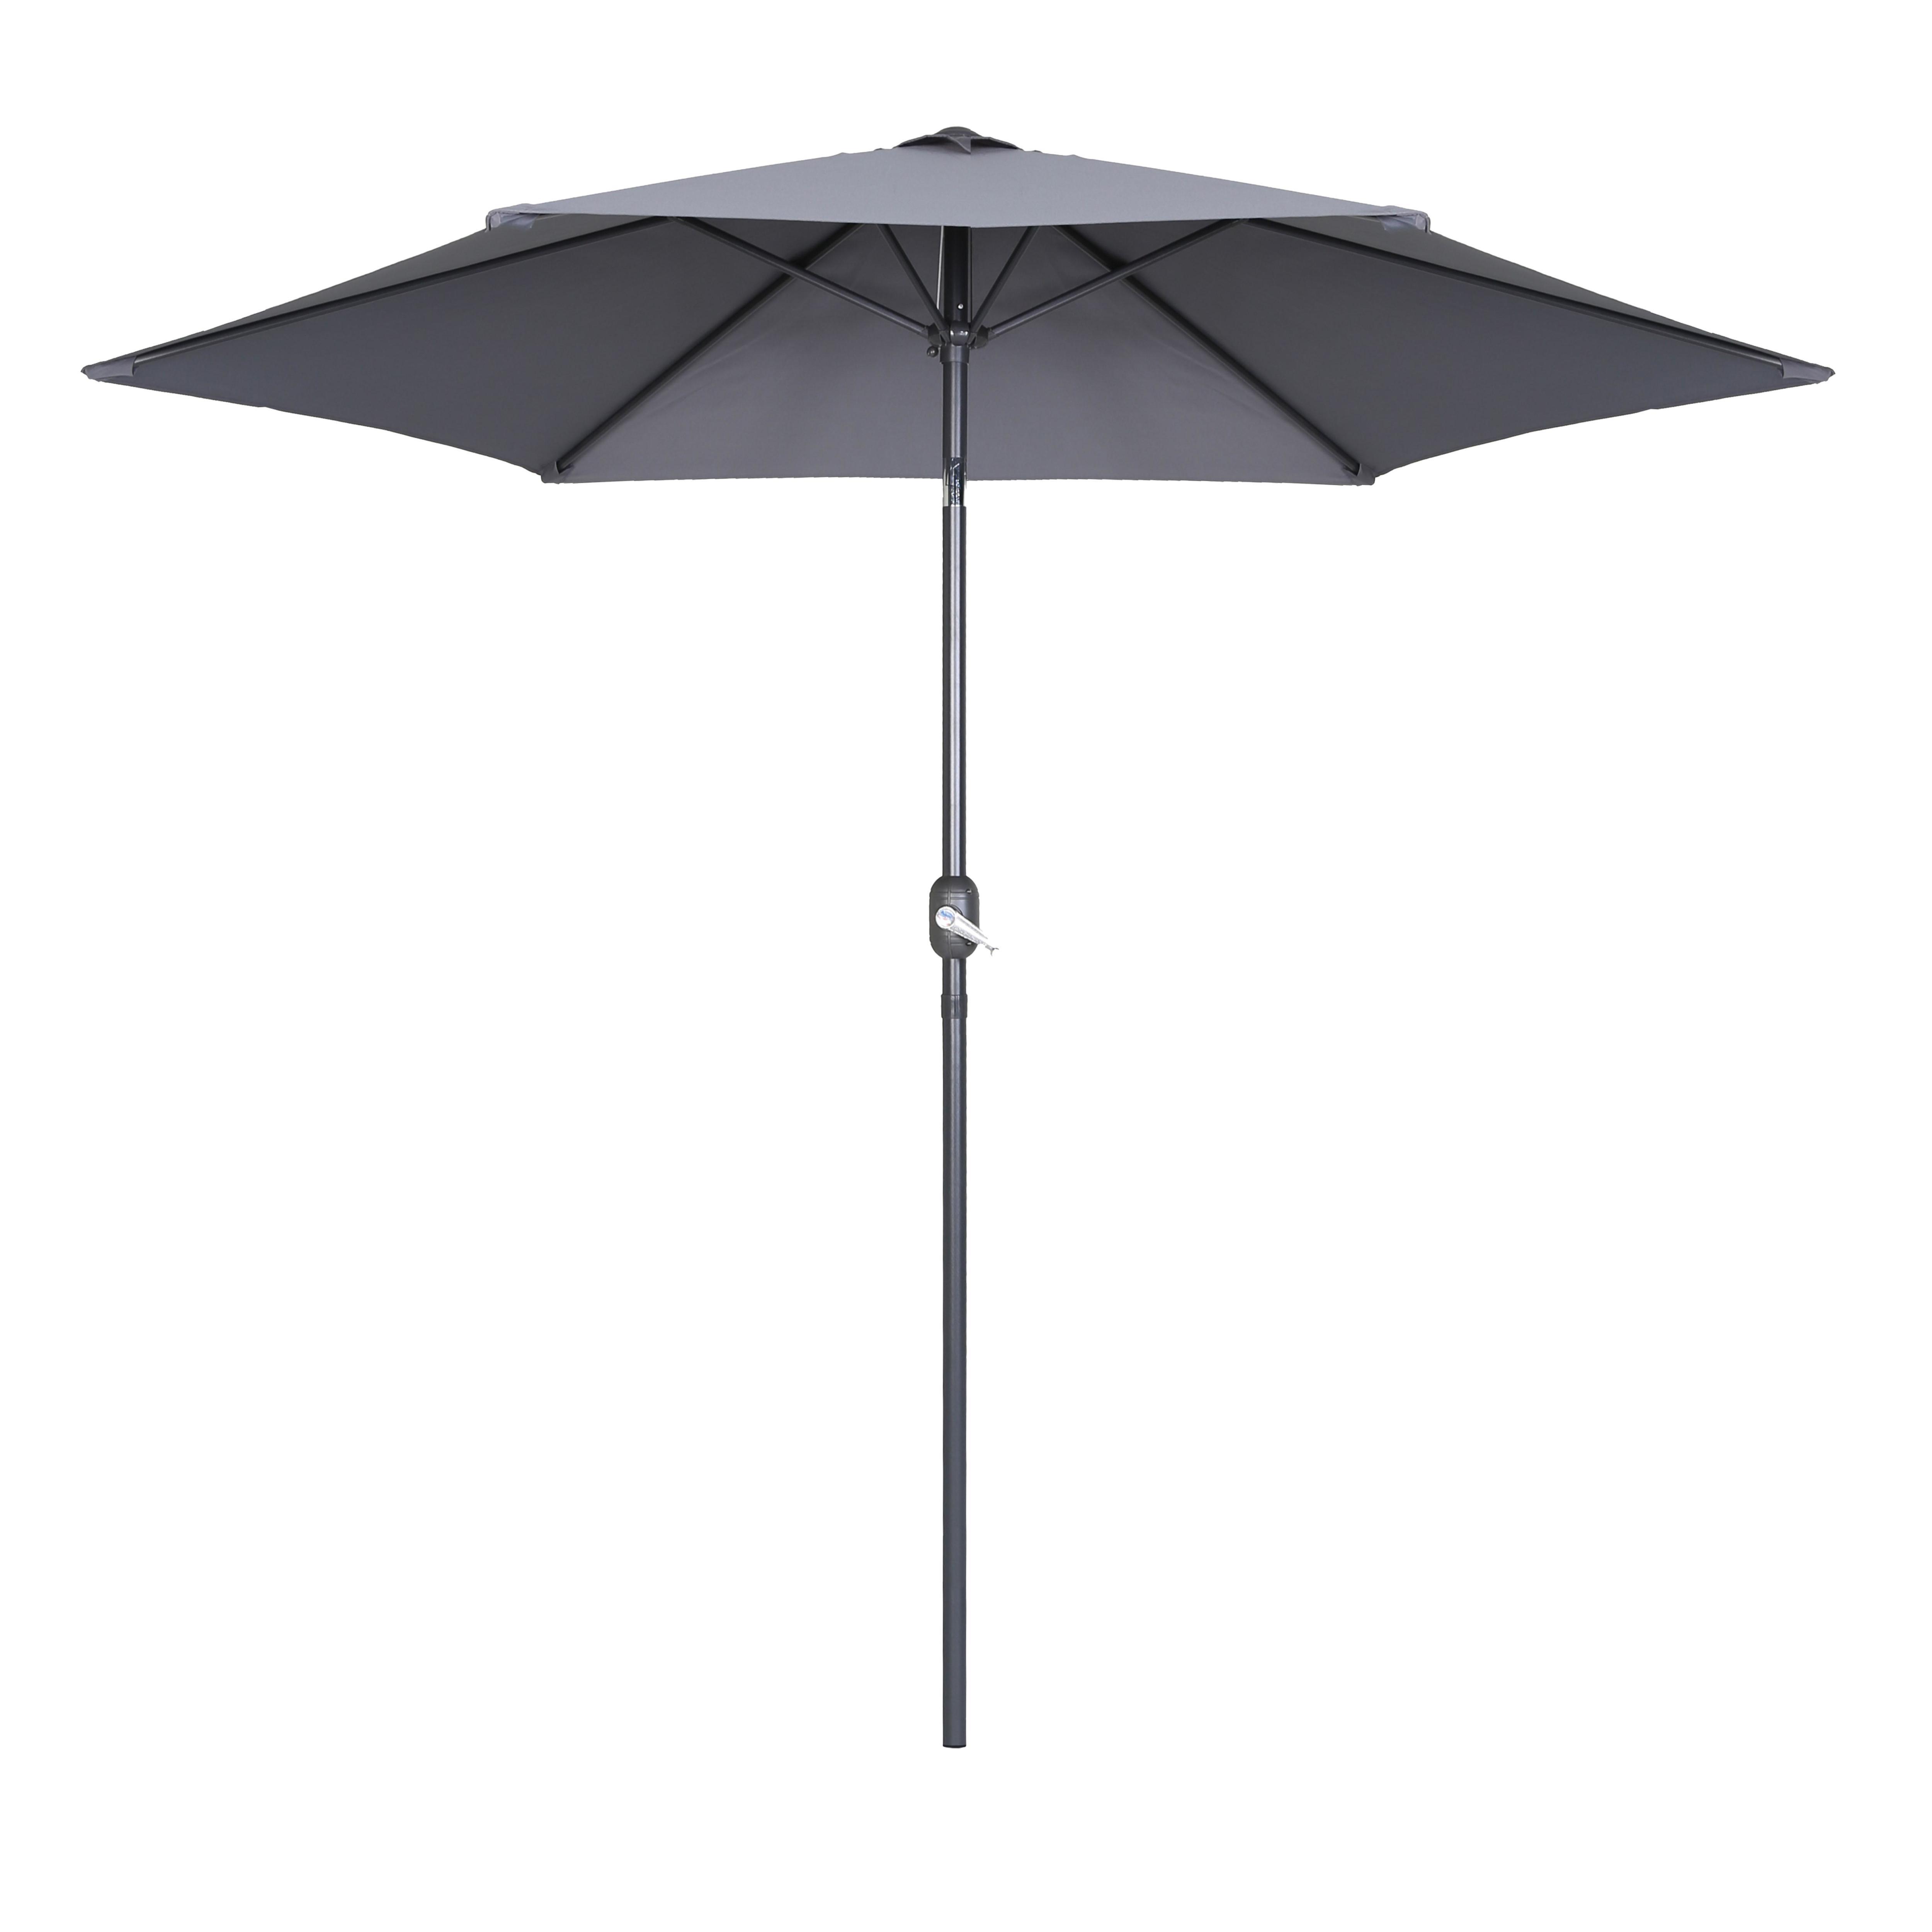 Parasol droit à manivelle inclinable  en aluminium gris